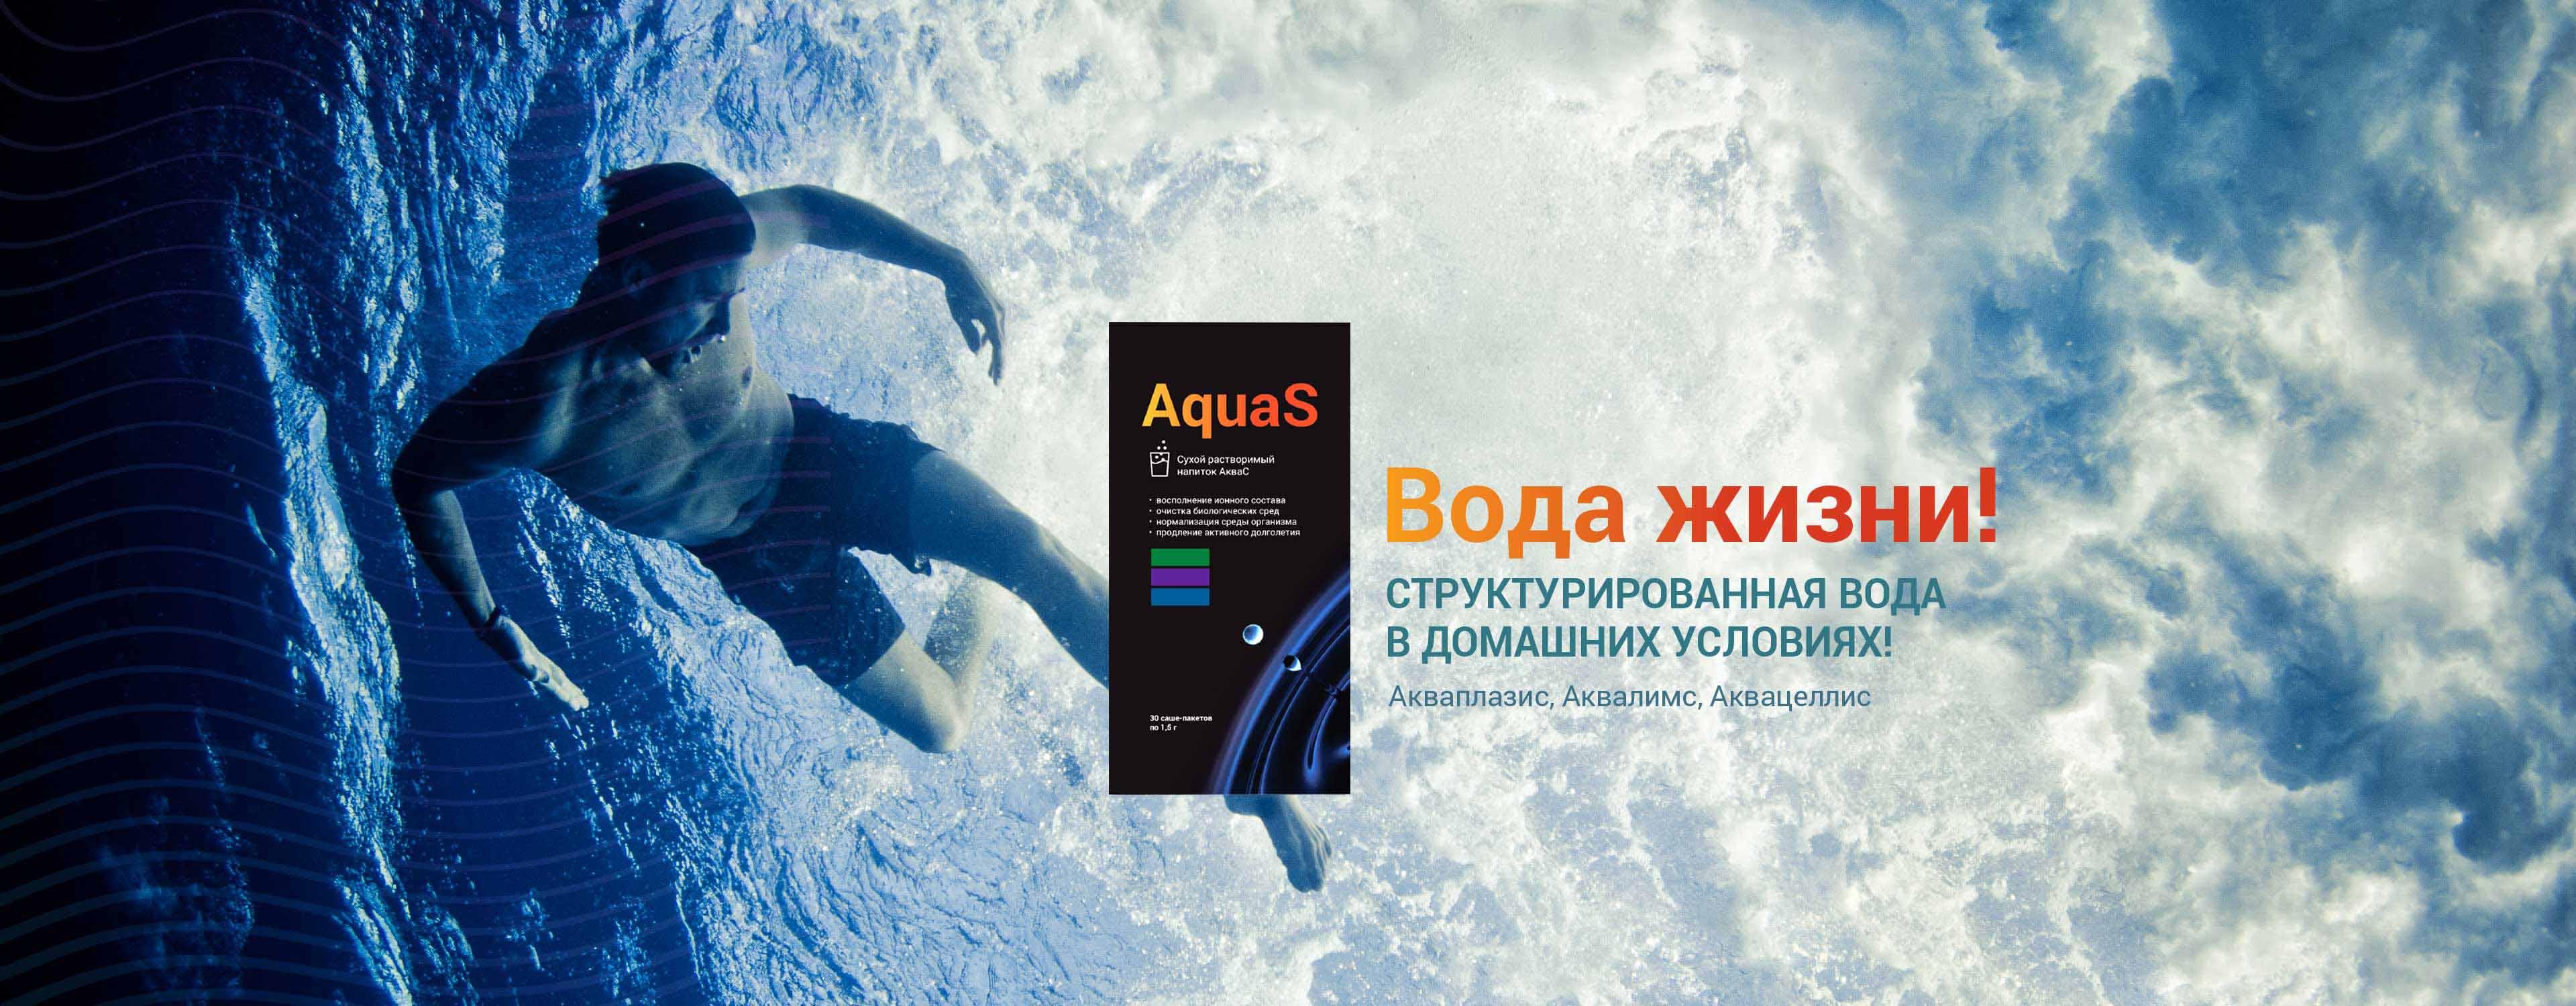 aquaS_mksv_3840x1500r